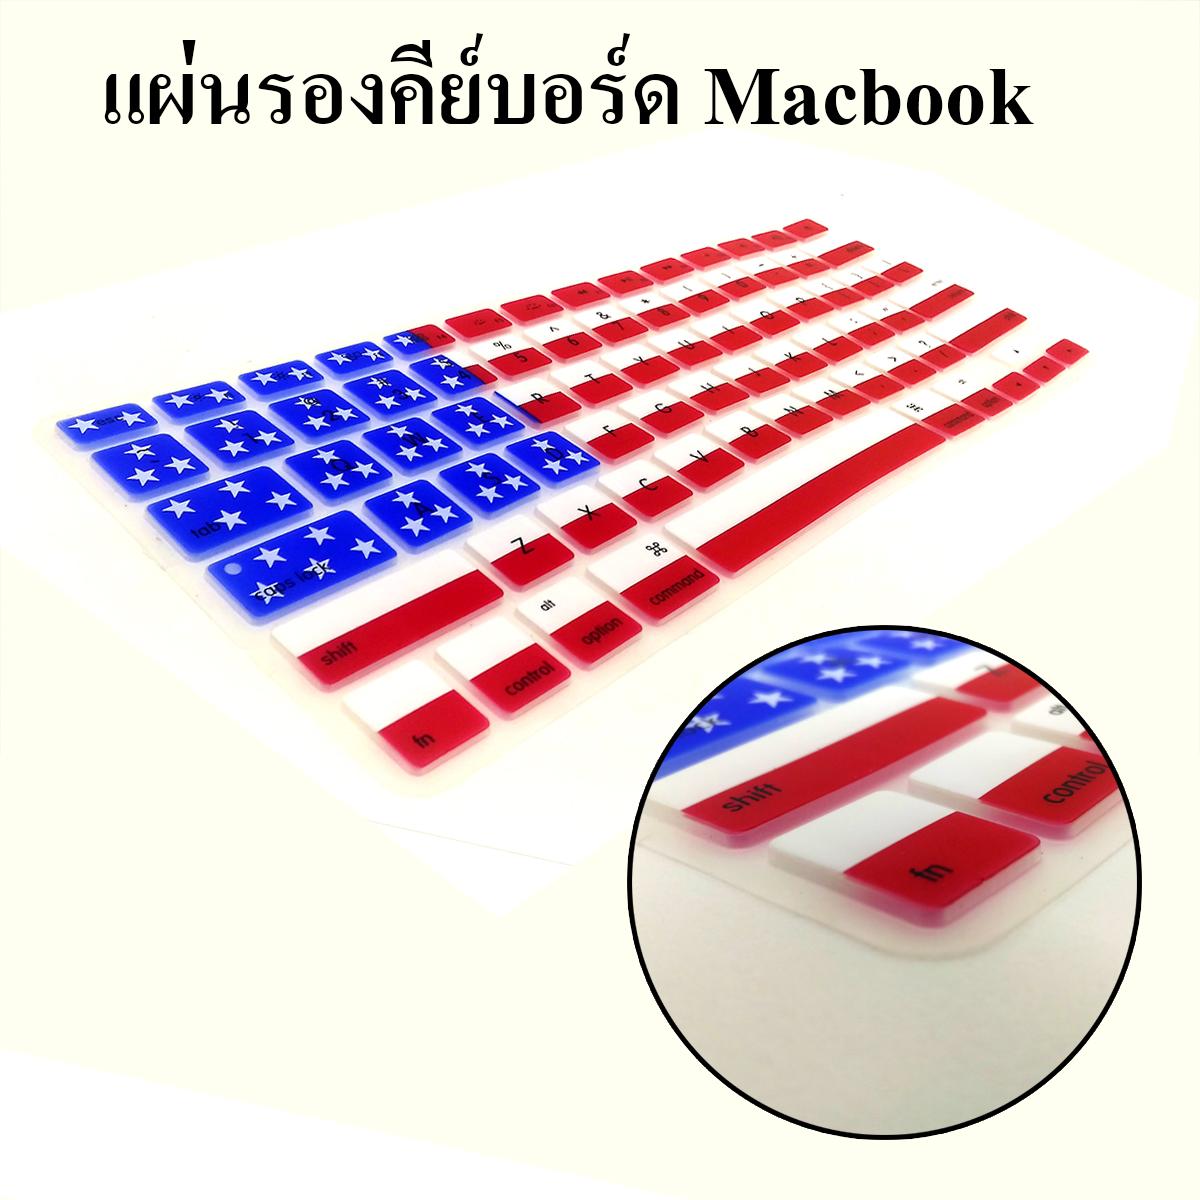 แผ่นรองคีย์ยอร์ด Macbook